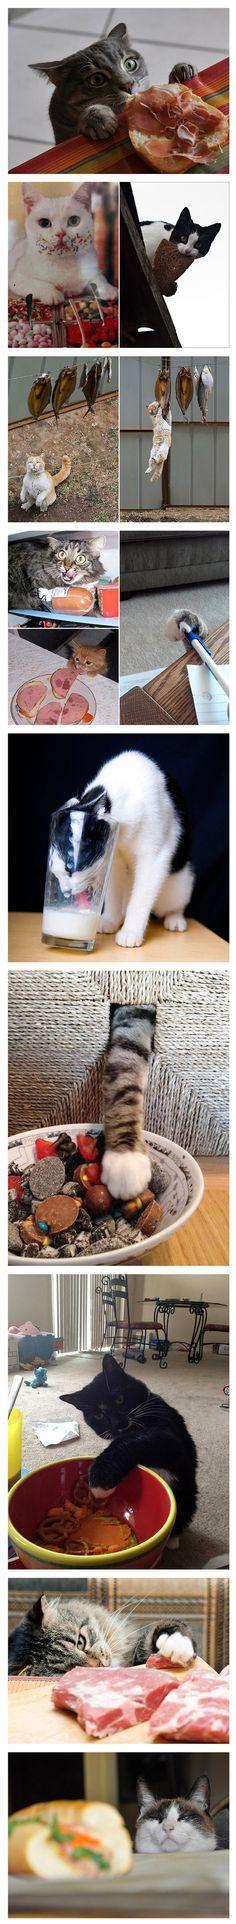 Gatos robando comida